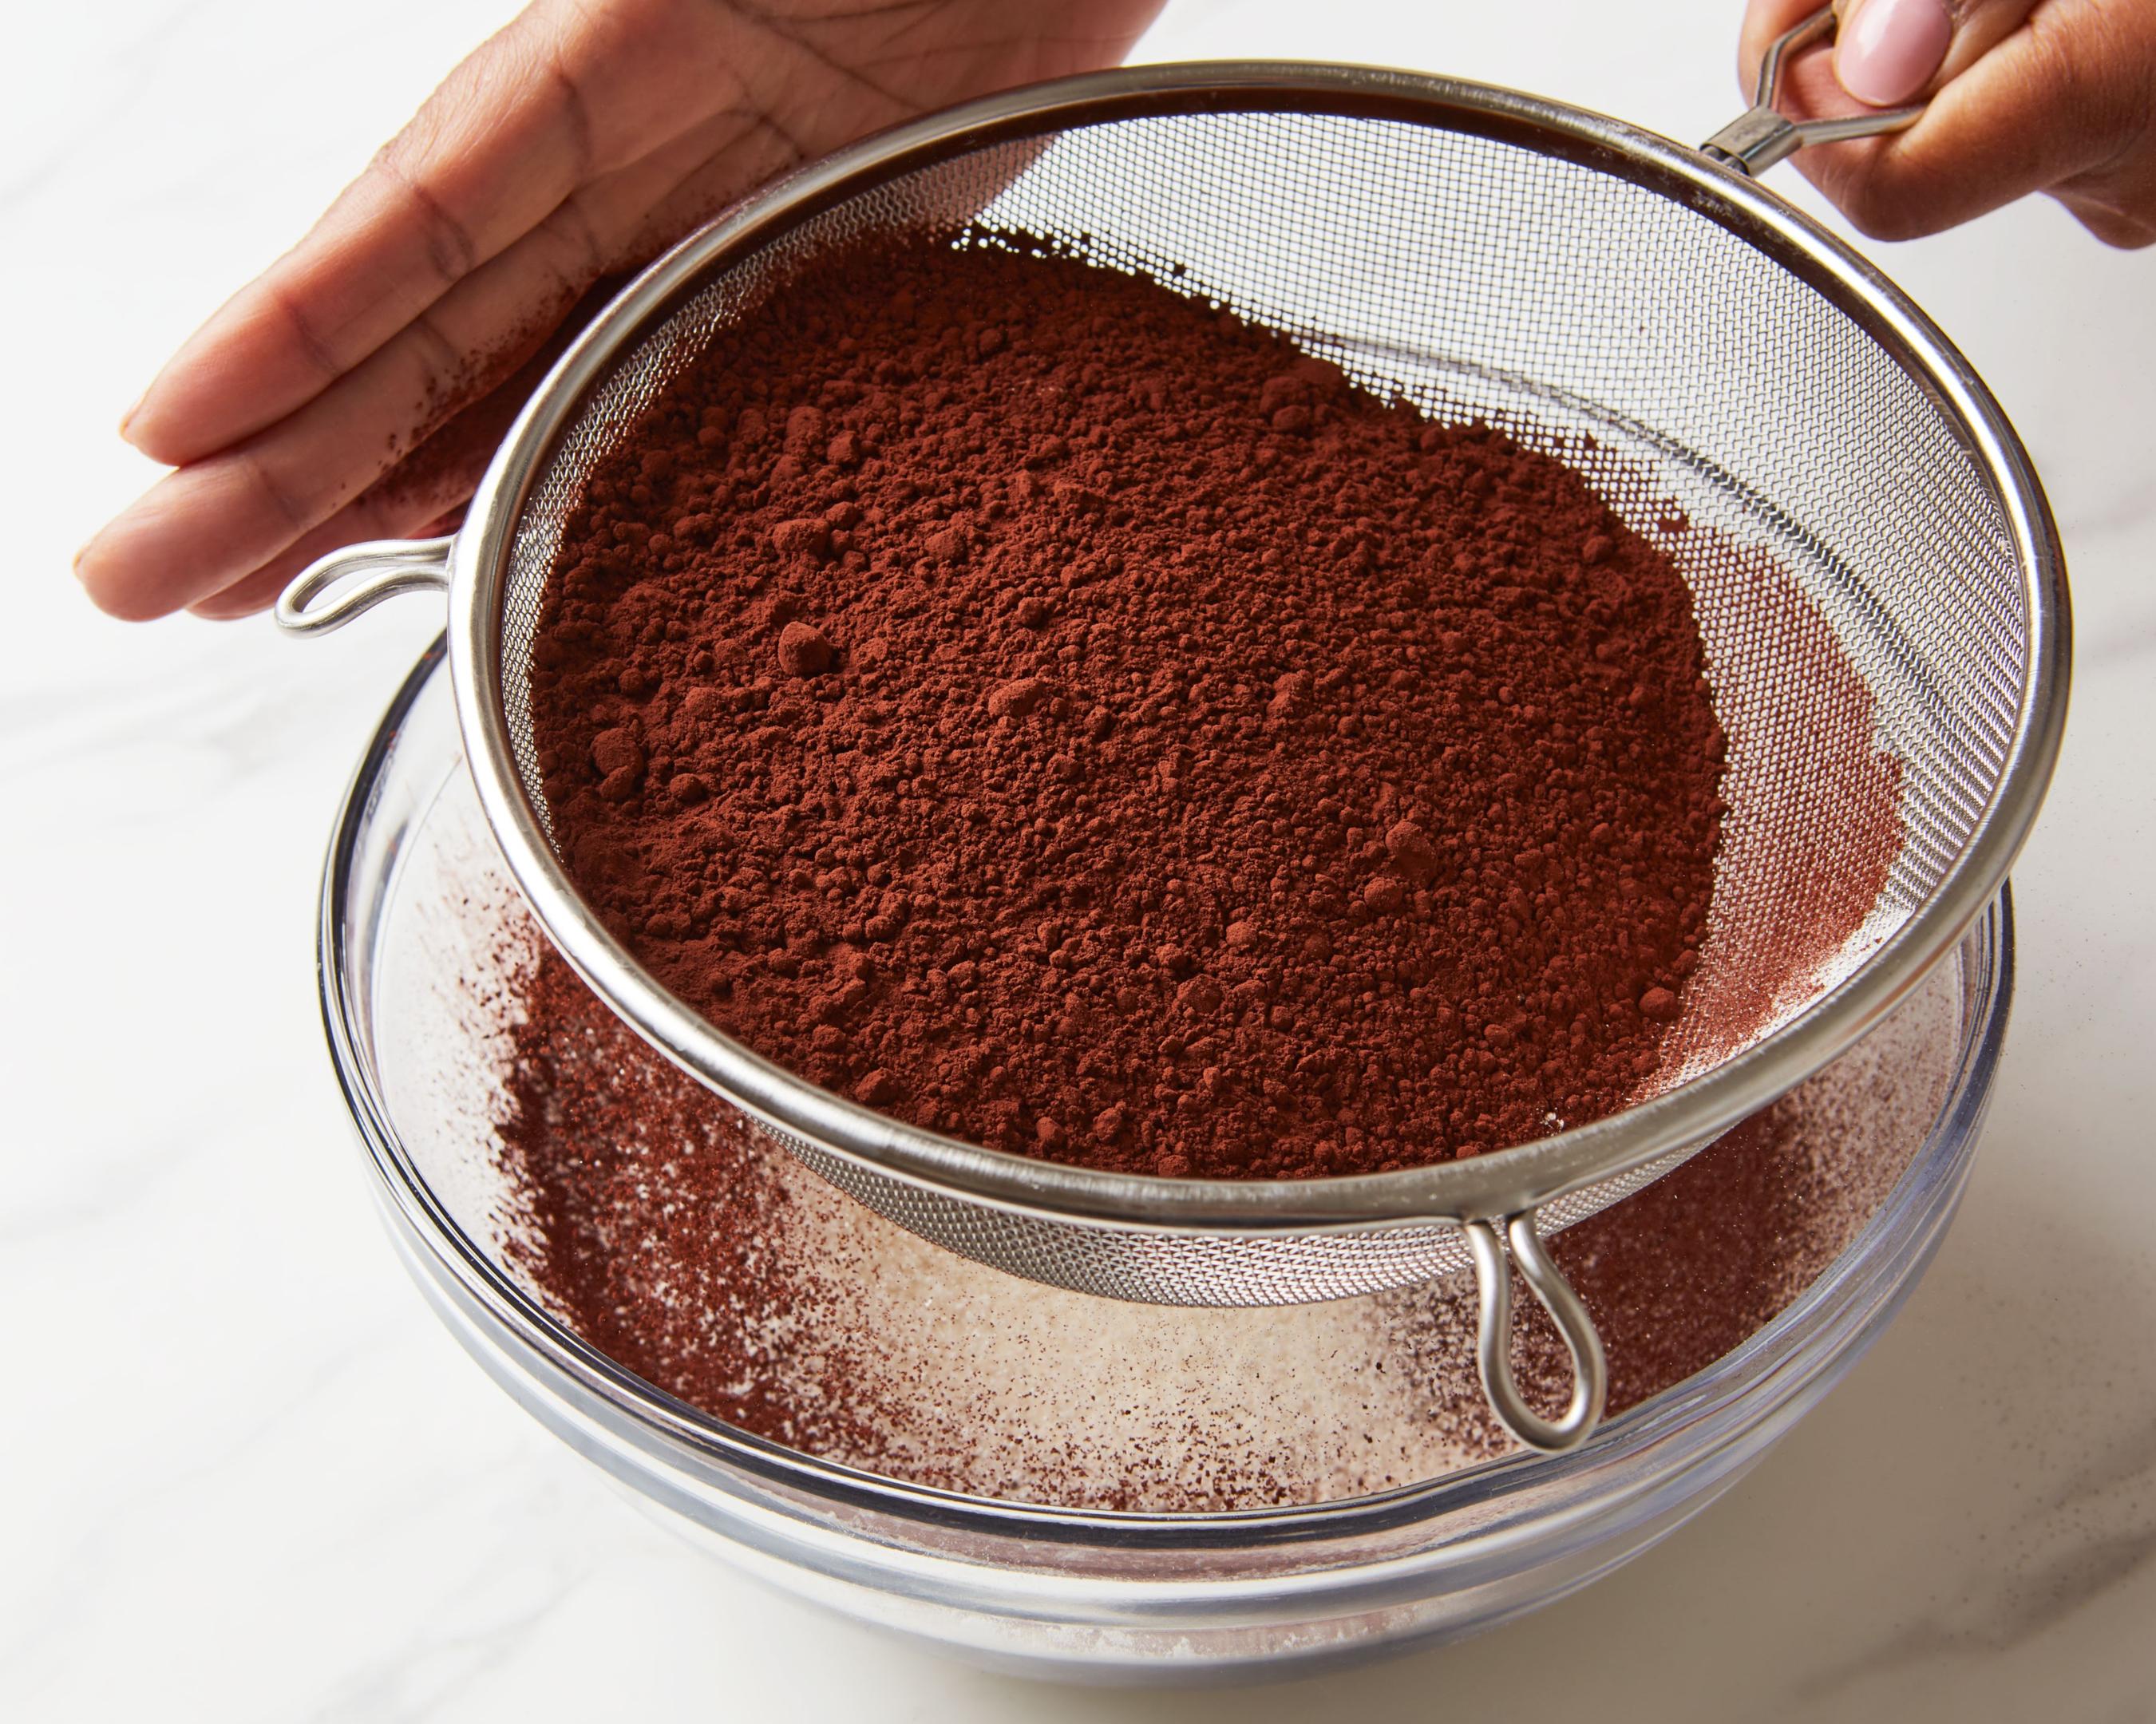 kakaó, kakaópor, Barry cocoa